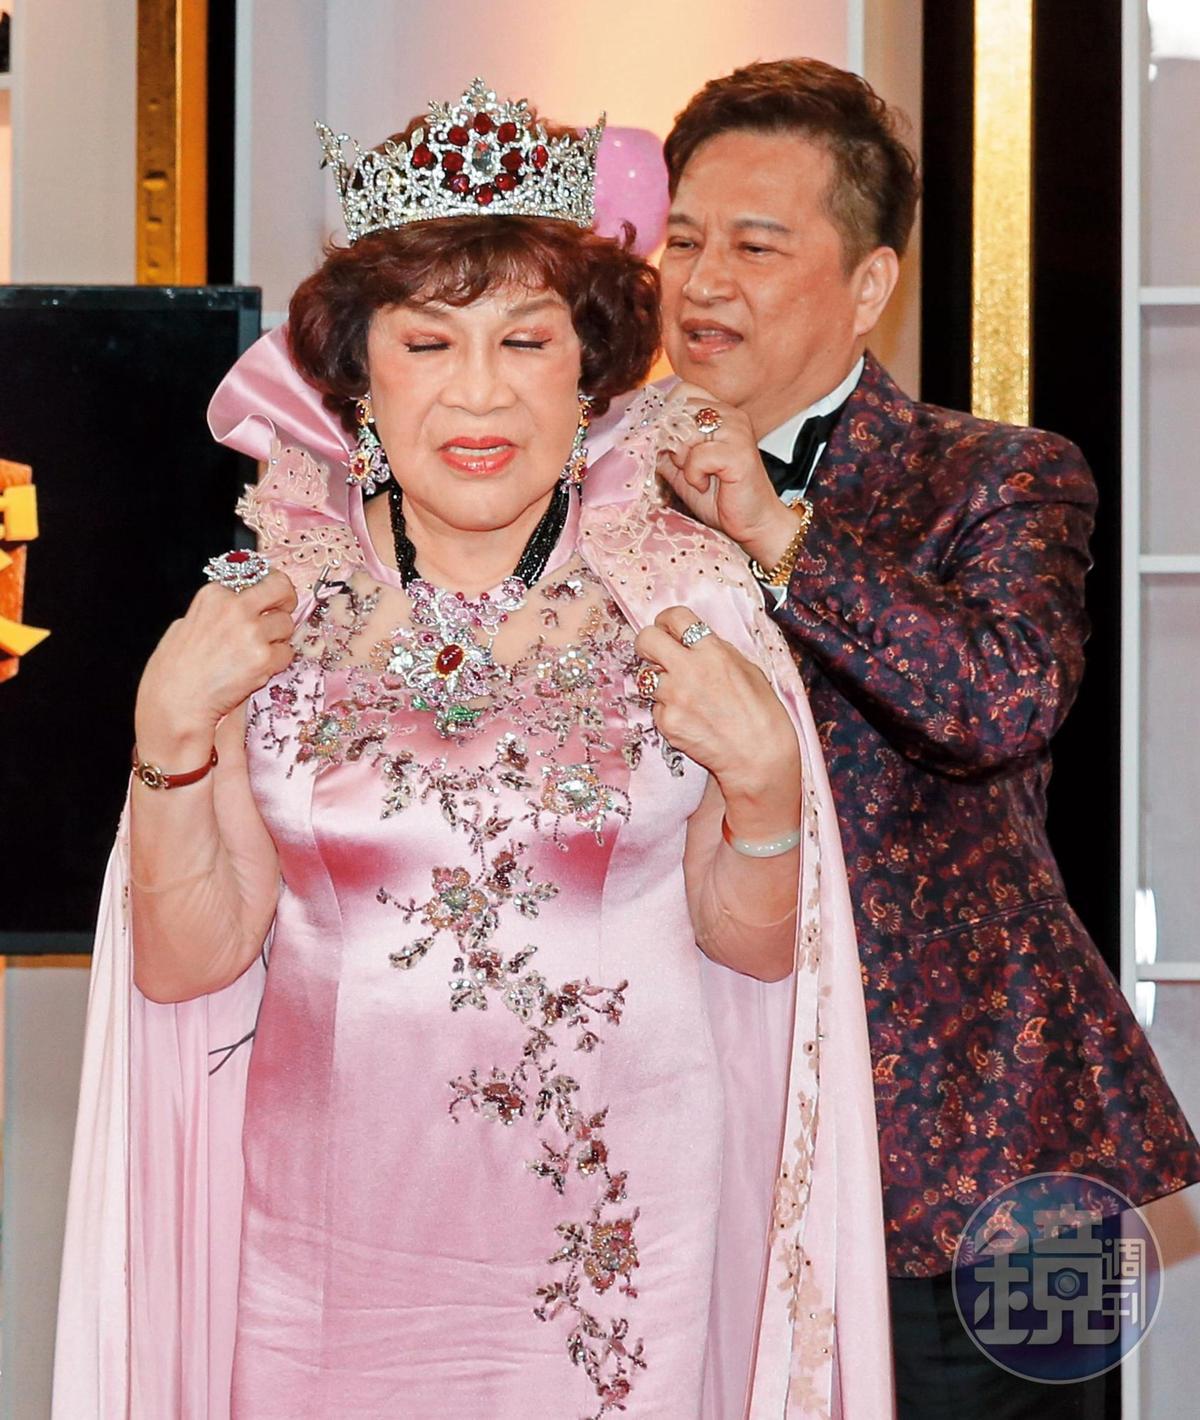 周遊(左)與李朝永辦完大婚之後,還上節目分享自己心得,重點是她也把那套被說像傘蜥蜴的禮服經典重穿。